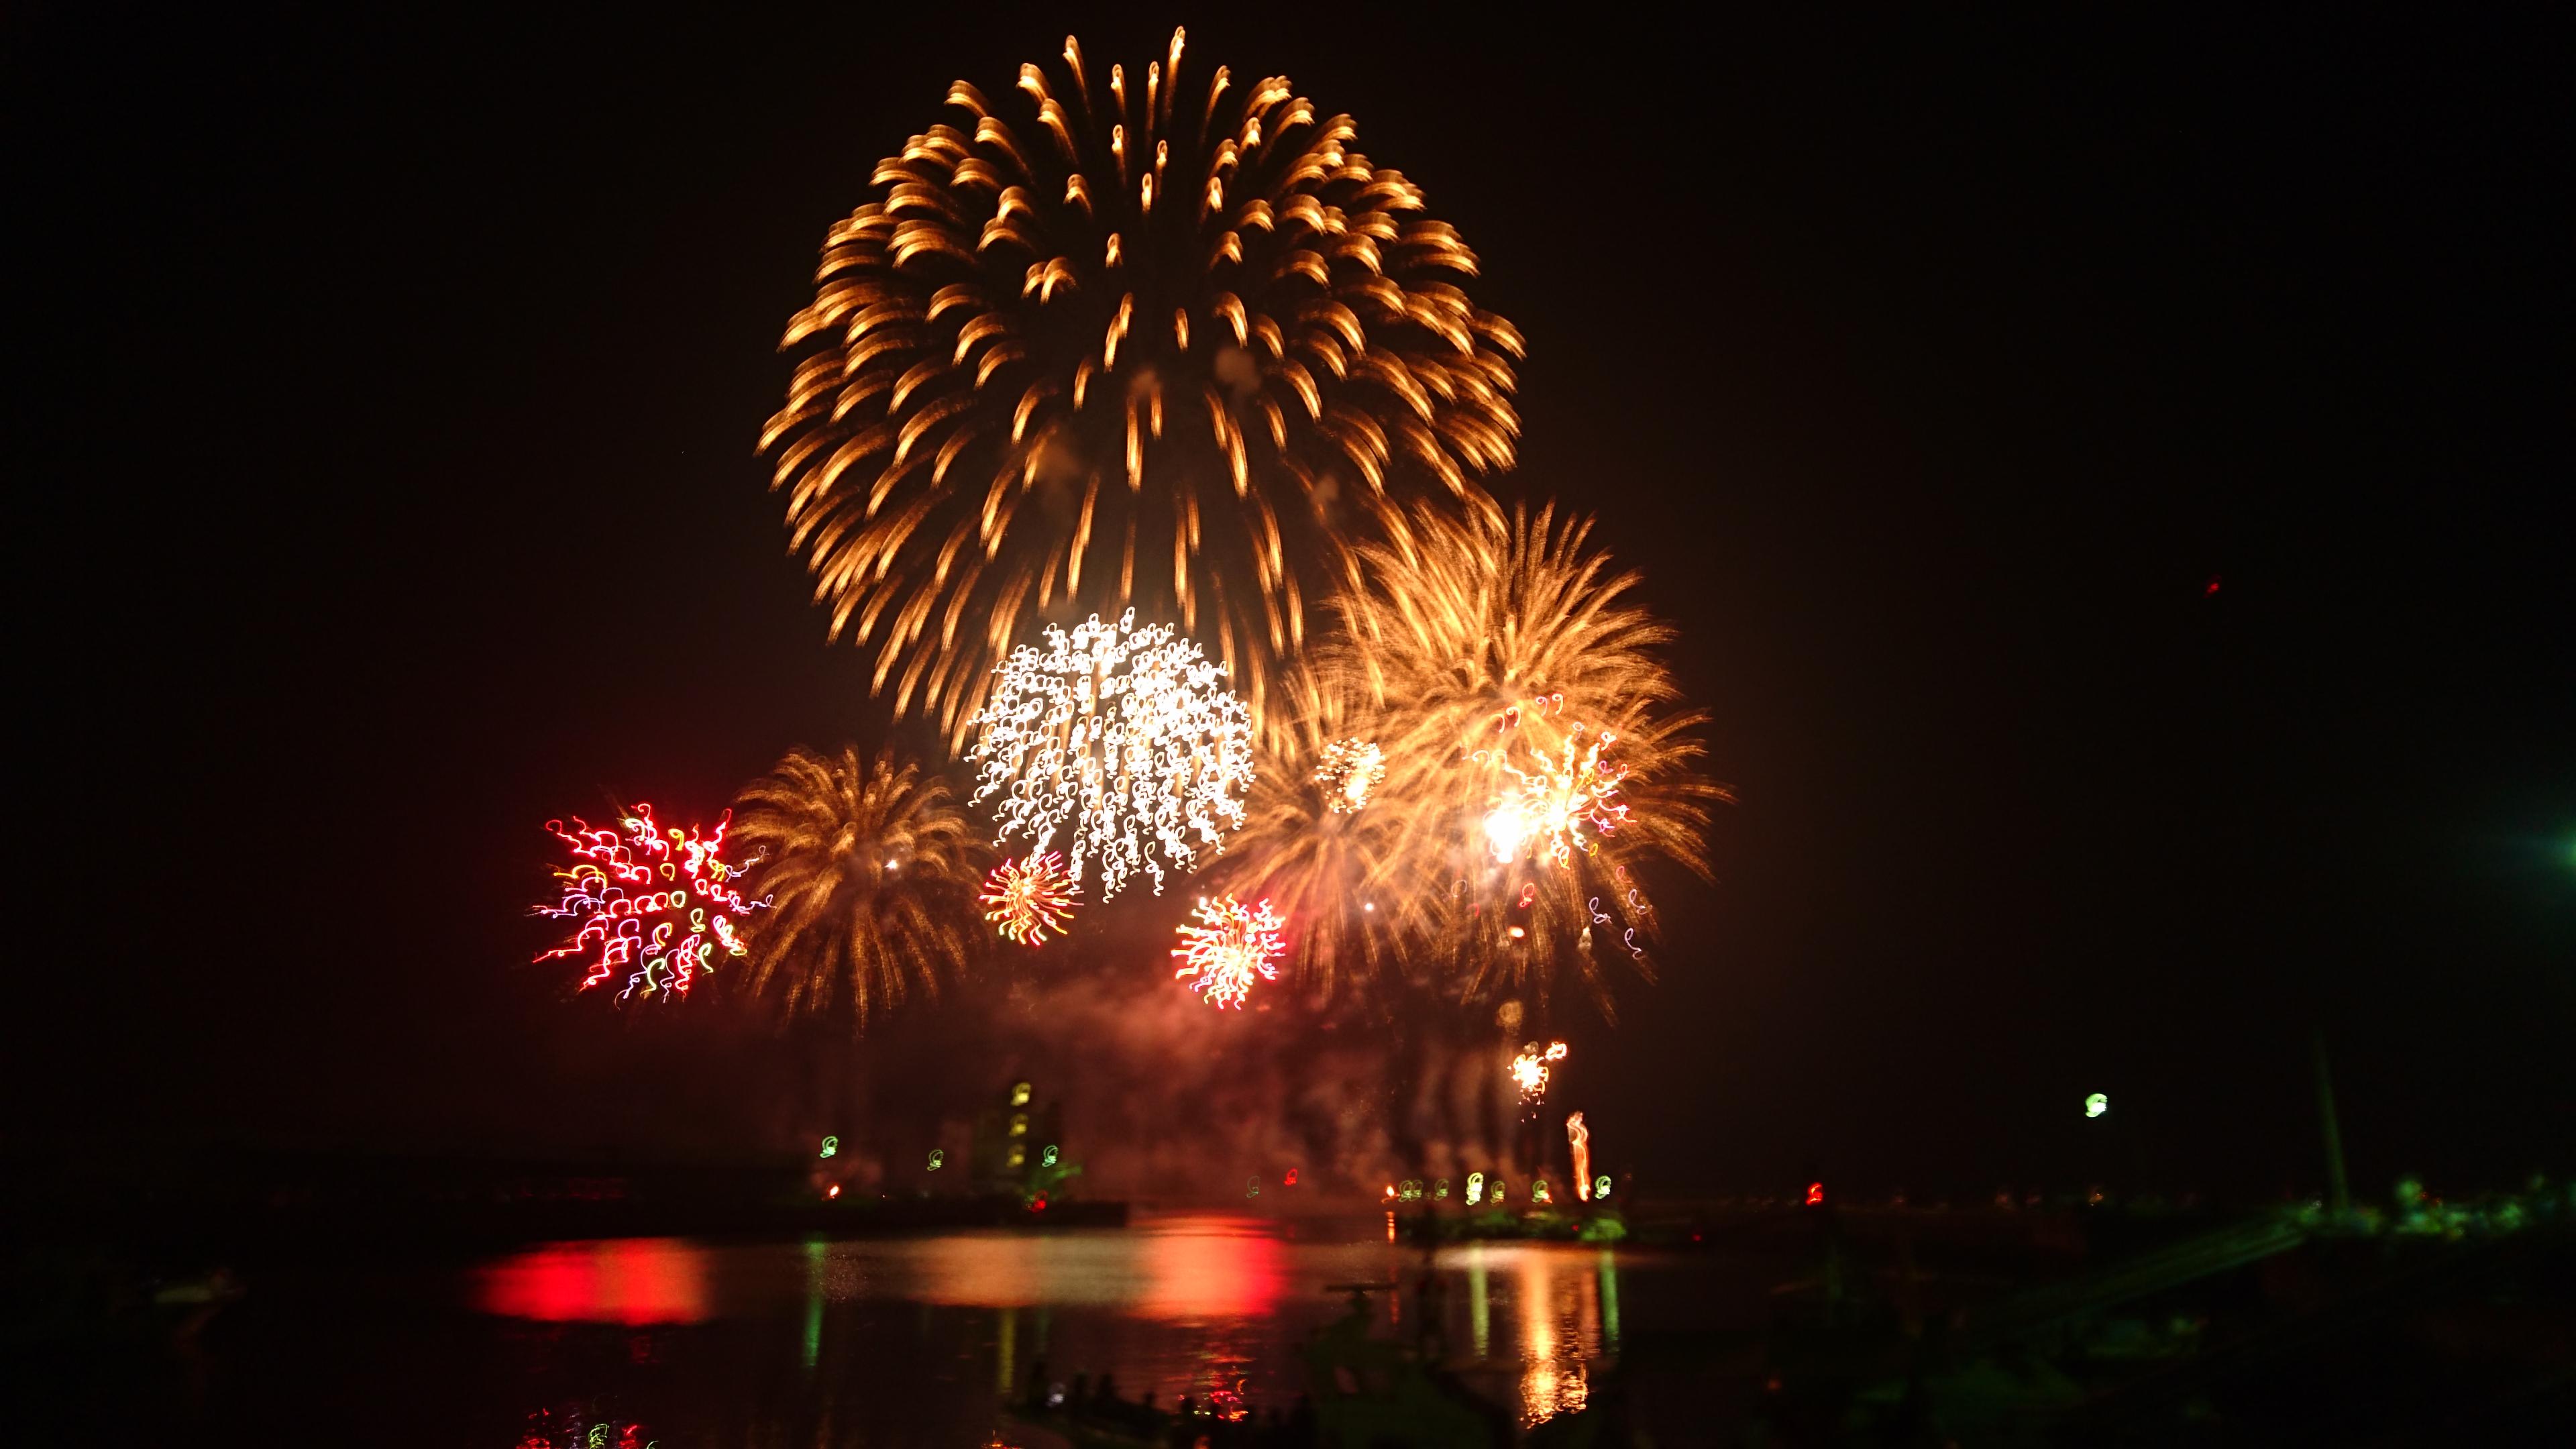 【県内の花火プチ情報付】夏だ!花火だ!!華麗に上がる「かわのえ夏まつり花火大会」に行ってきました!